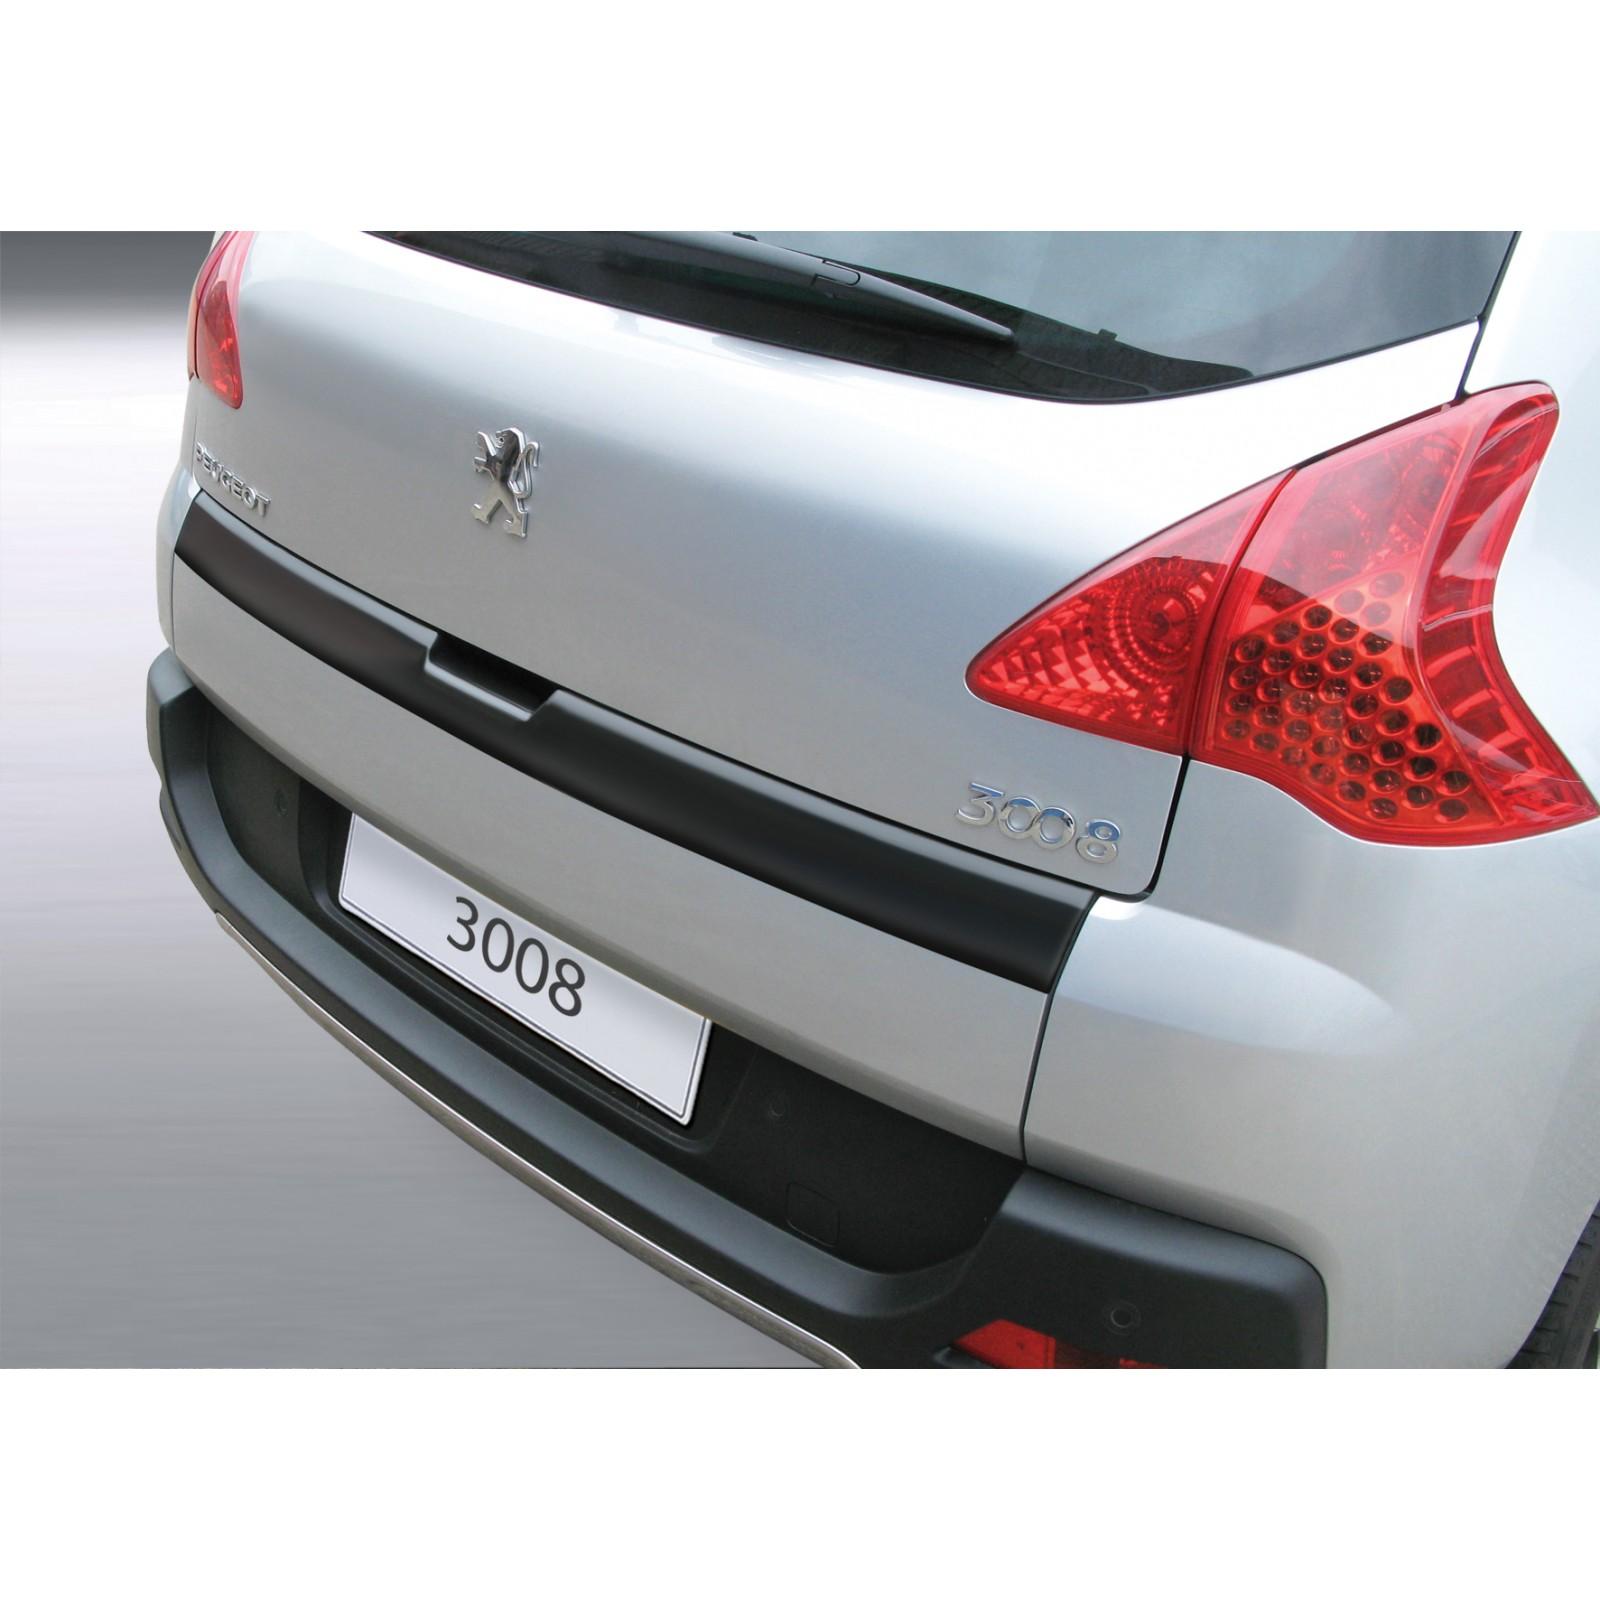 Protection de pare-chocs Peugeot 3008 2008-08 2016.   14db6187bf52